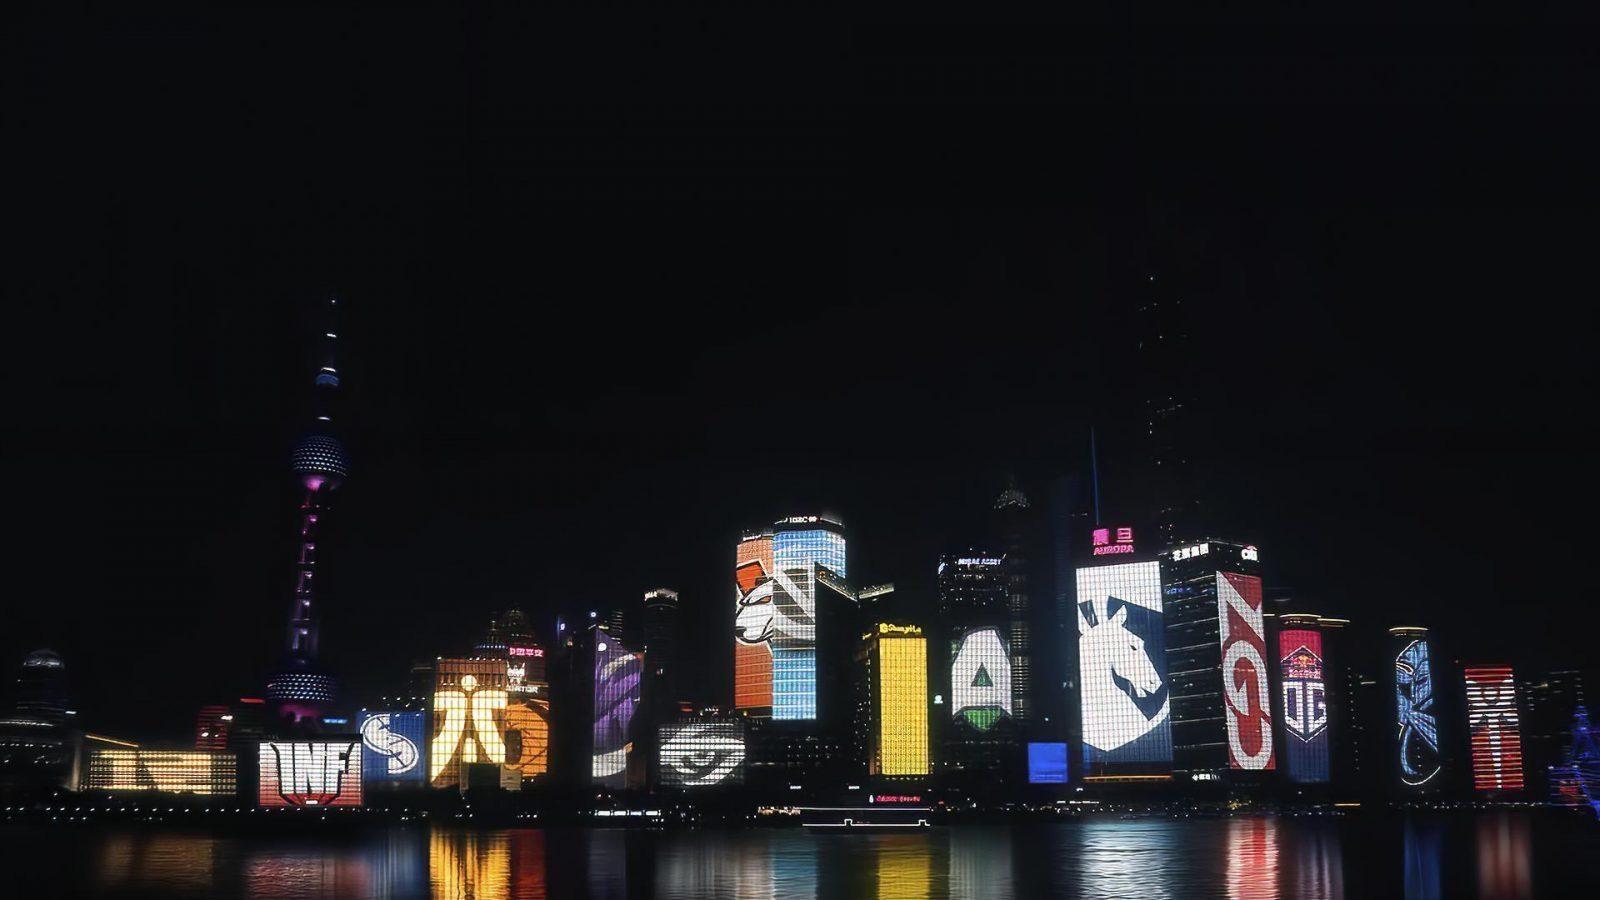 Dota 2 International diselenggarakan dengan langit malam yang mengesankan di Shanghai